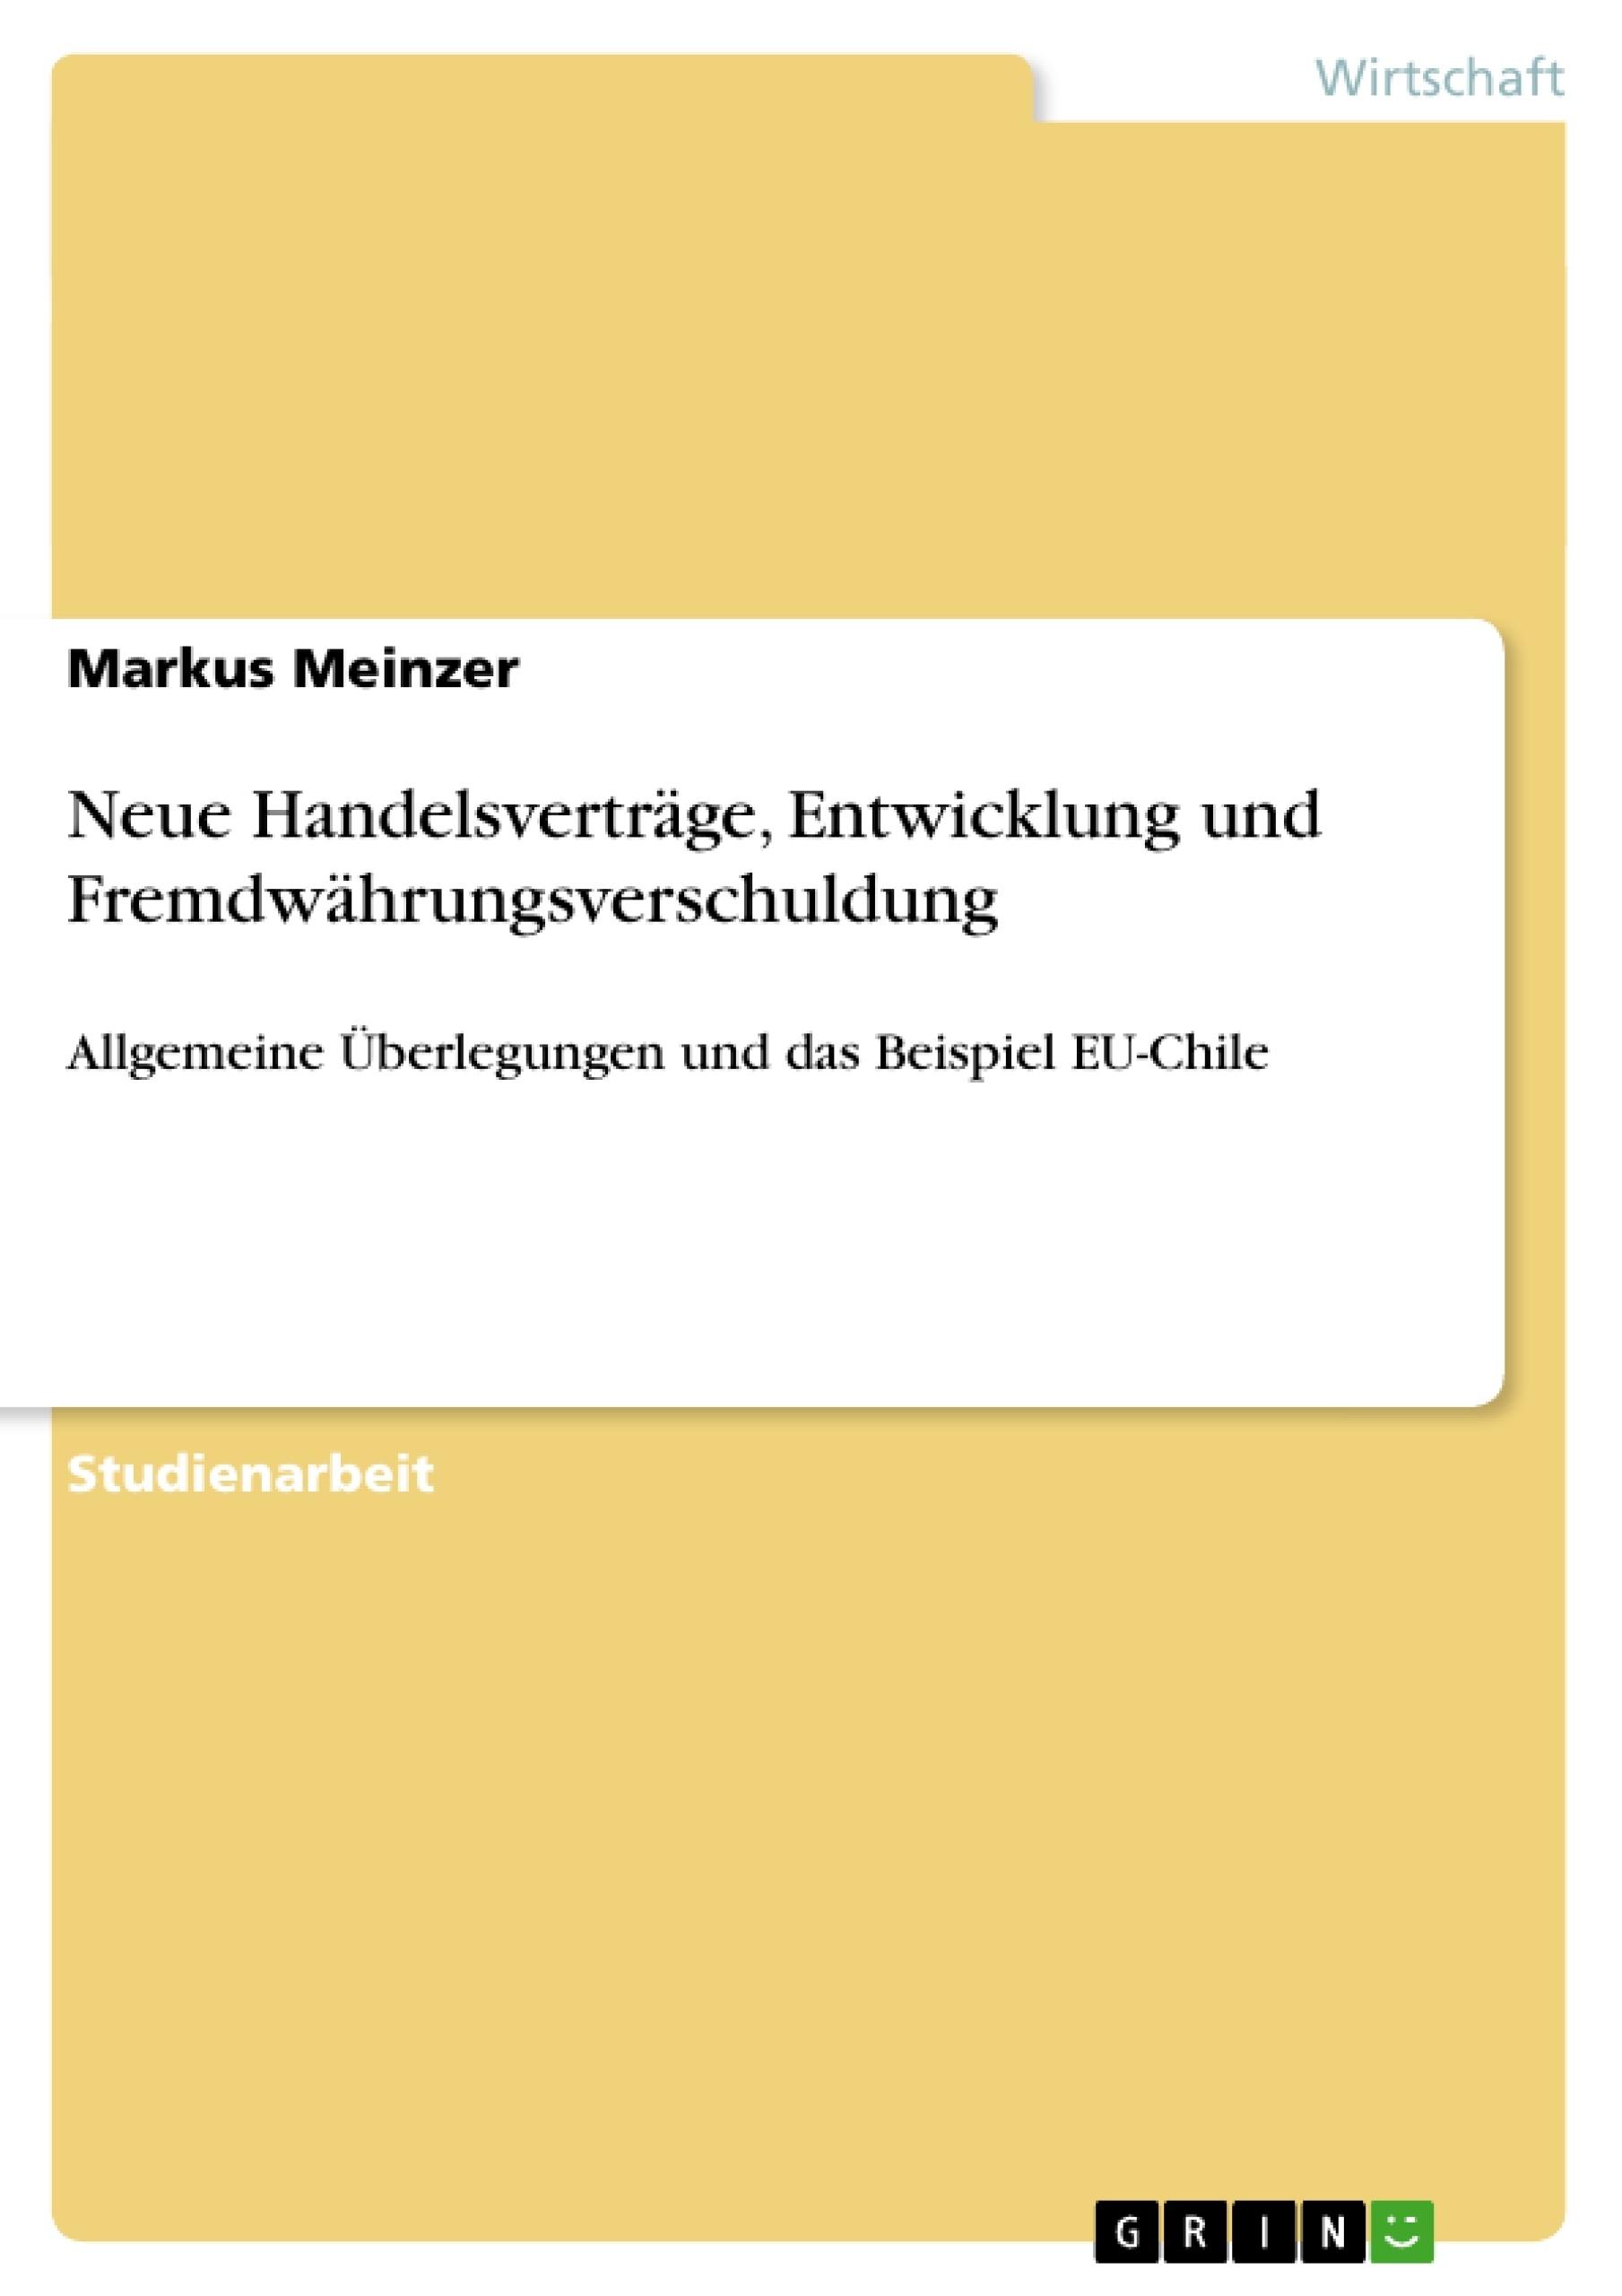 Titel: Neue Handelsverträge, Entwicklung und Fremdwährungsverschuldung